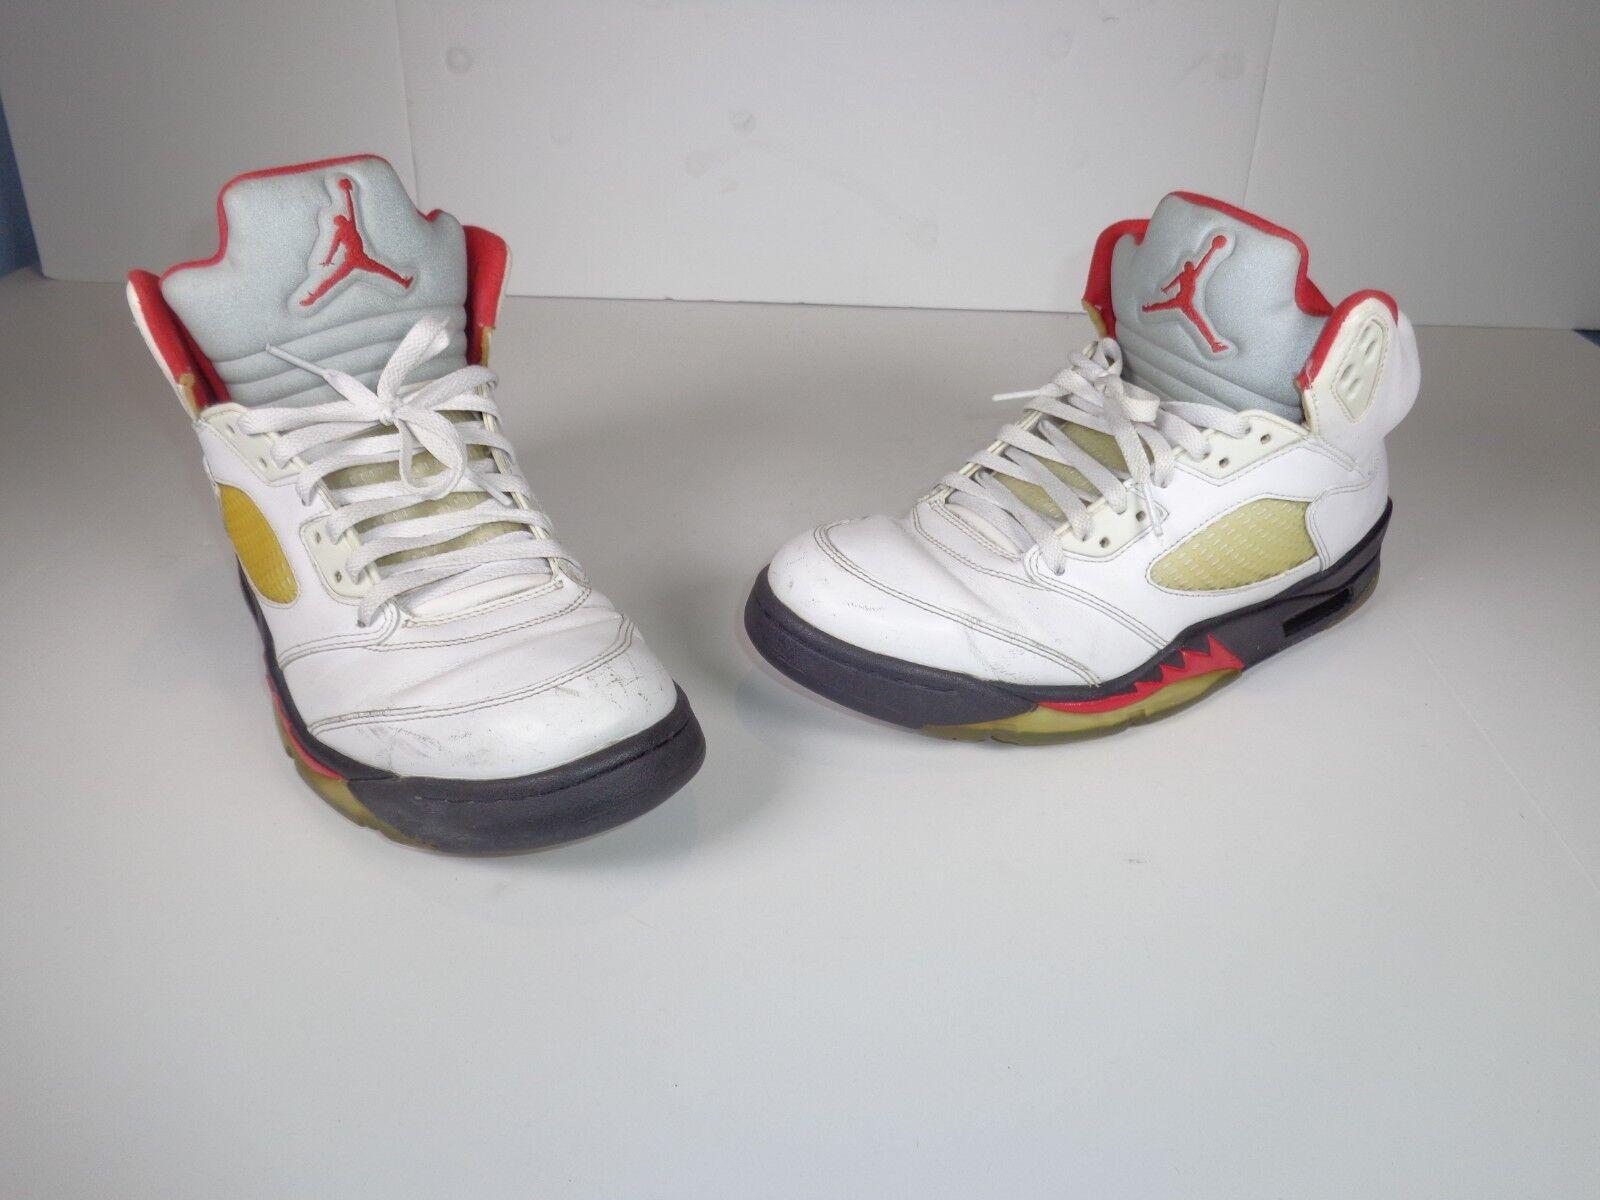 2012 Nike Nike Nike Air Jordan V 5 Retro White Fire Red Black Sneakers 136027-100 Size 11 8c3b01